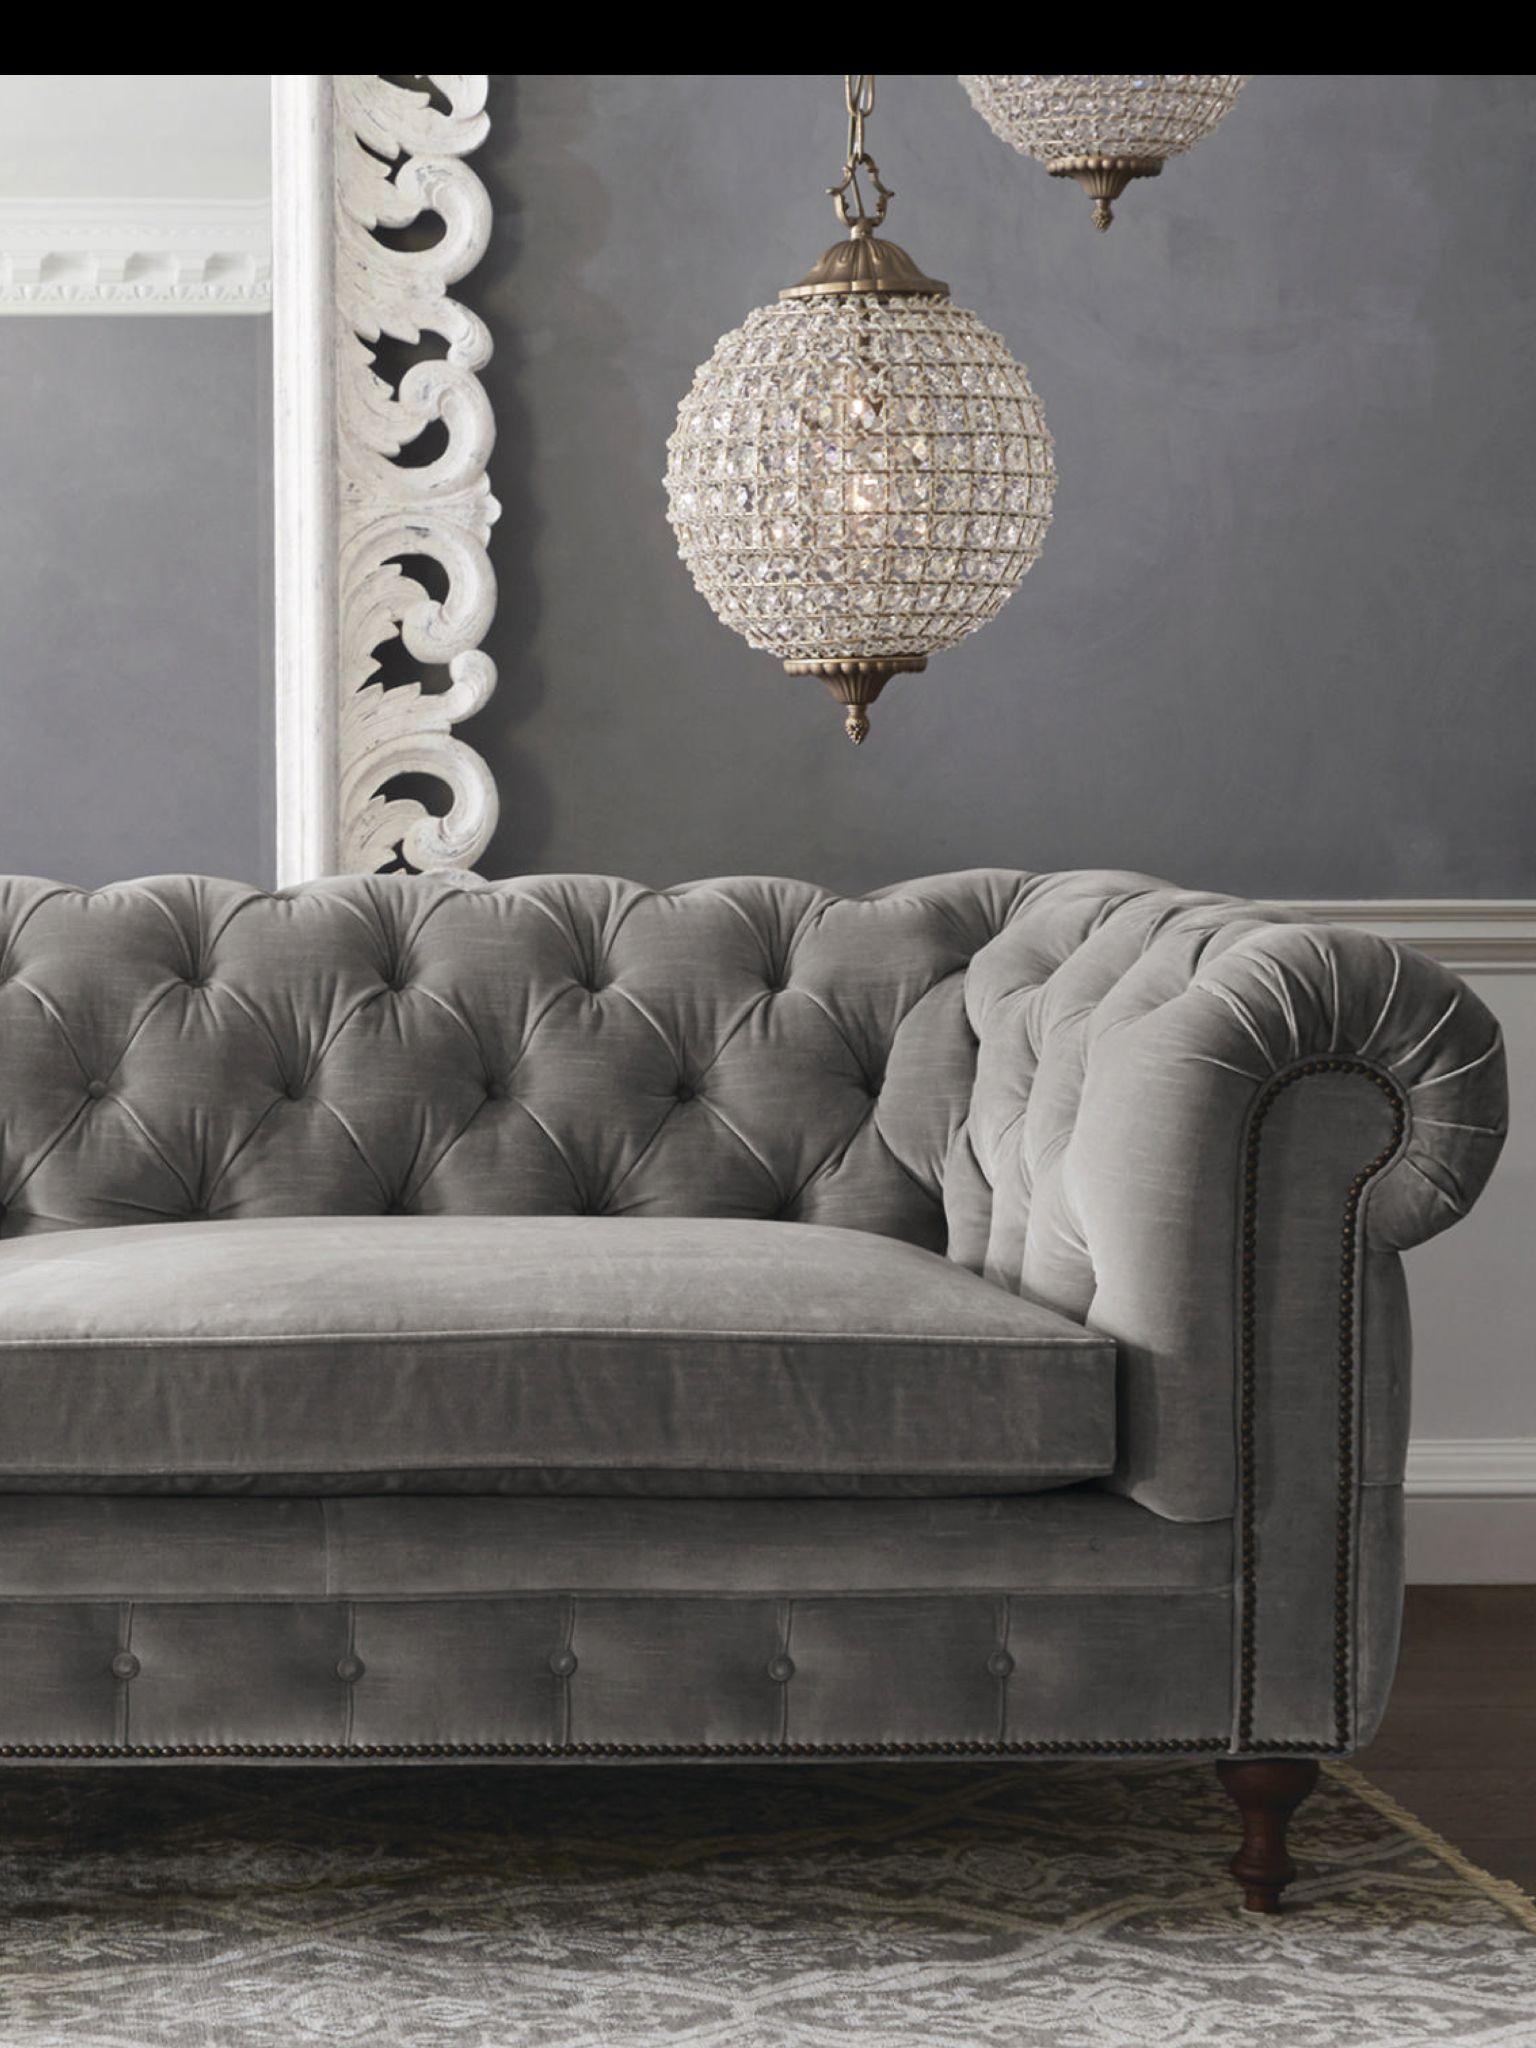 Grey Tufted Sofa Tufted Sofa Living Room Grey Sofa Living Room